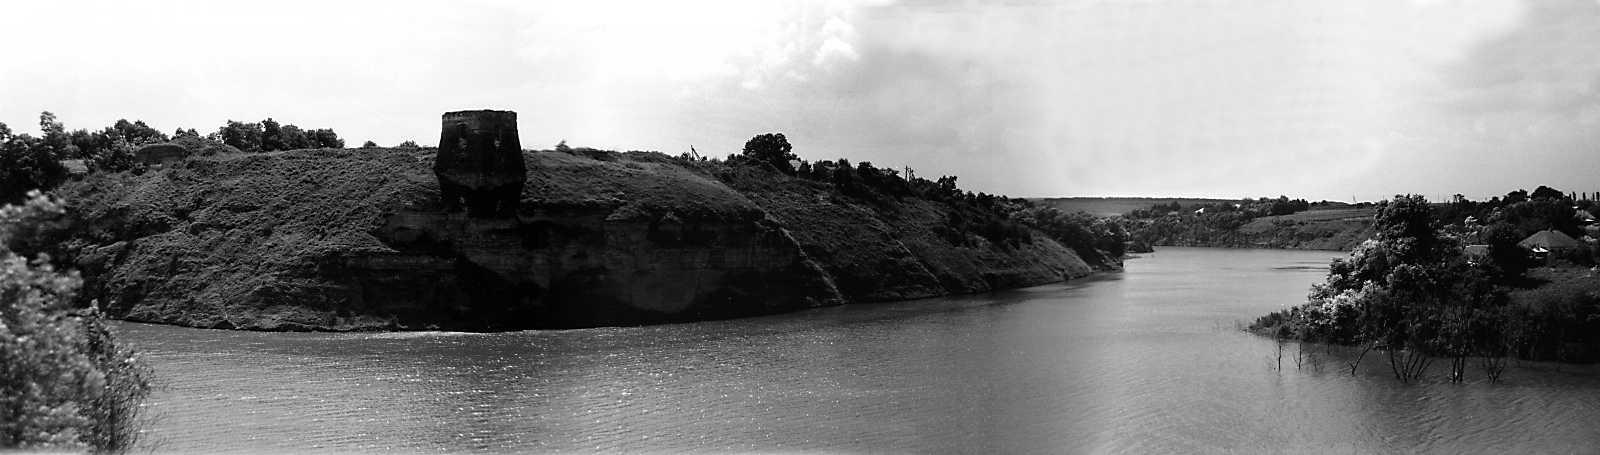 1991 р. Панорама замку і р. Жванчик з півночі